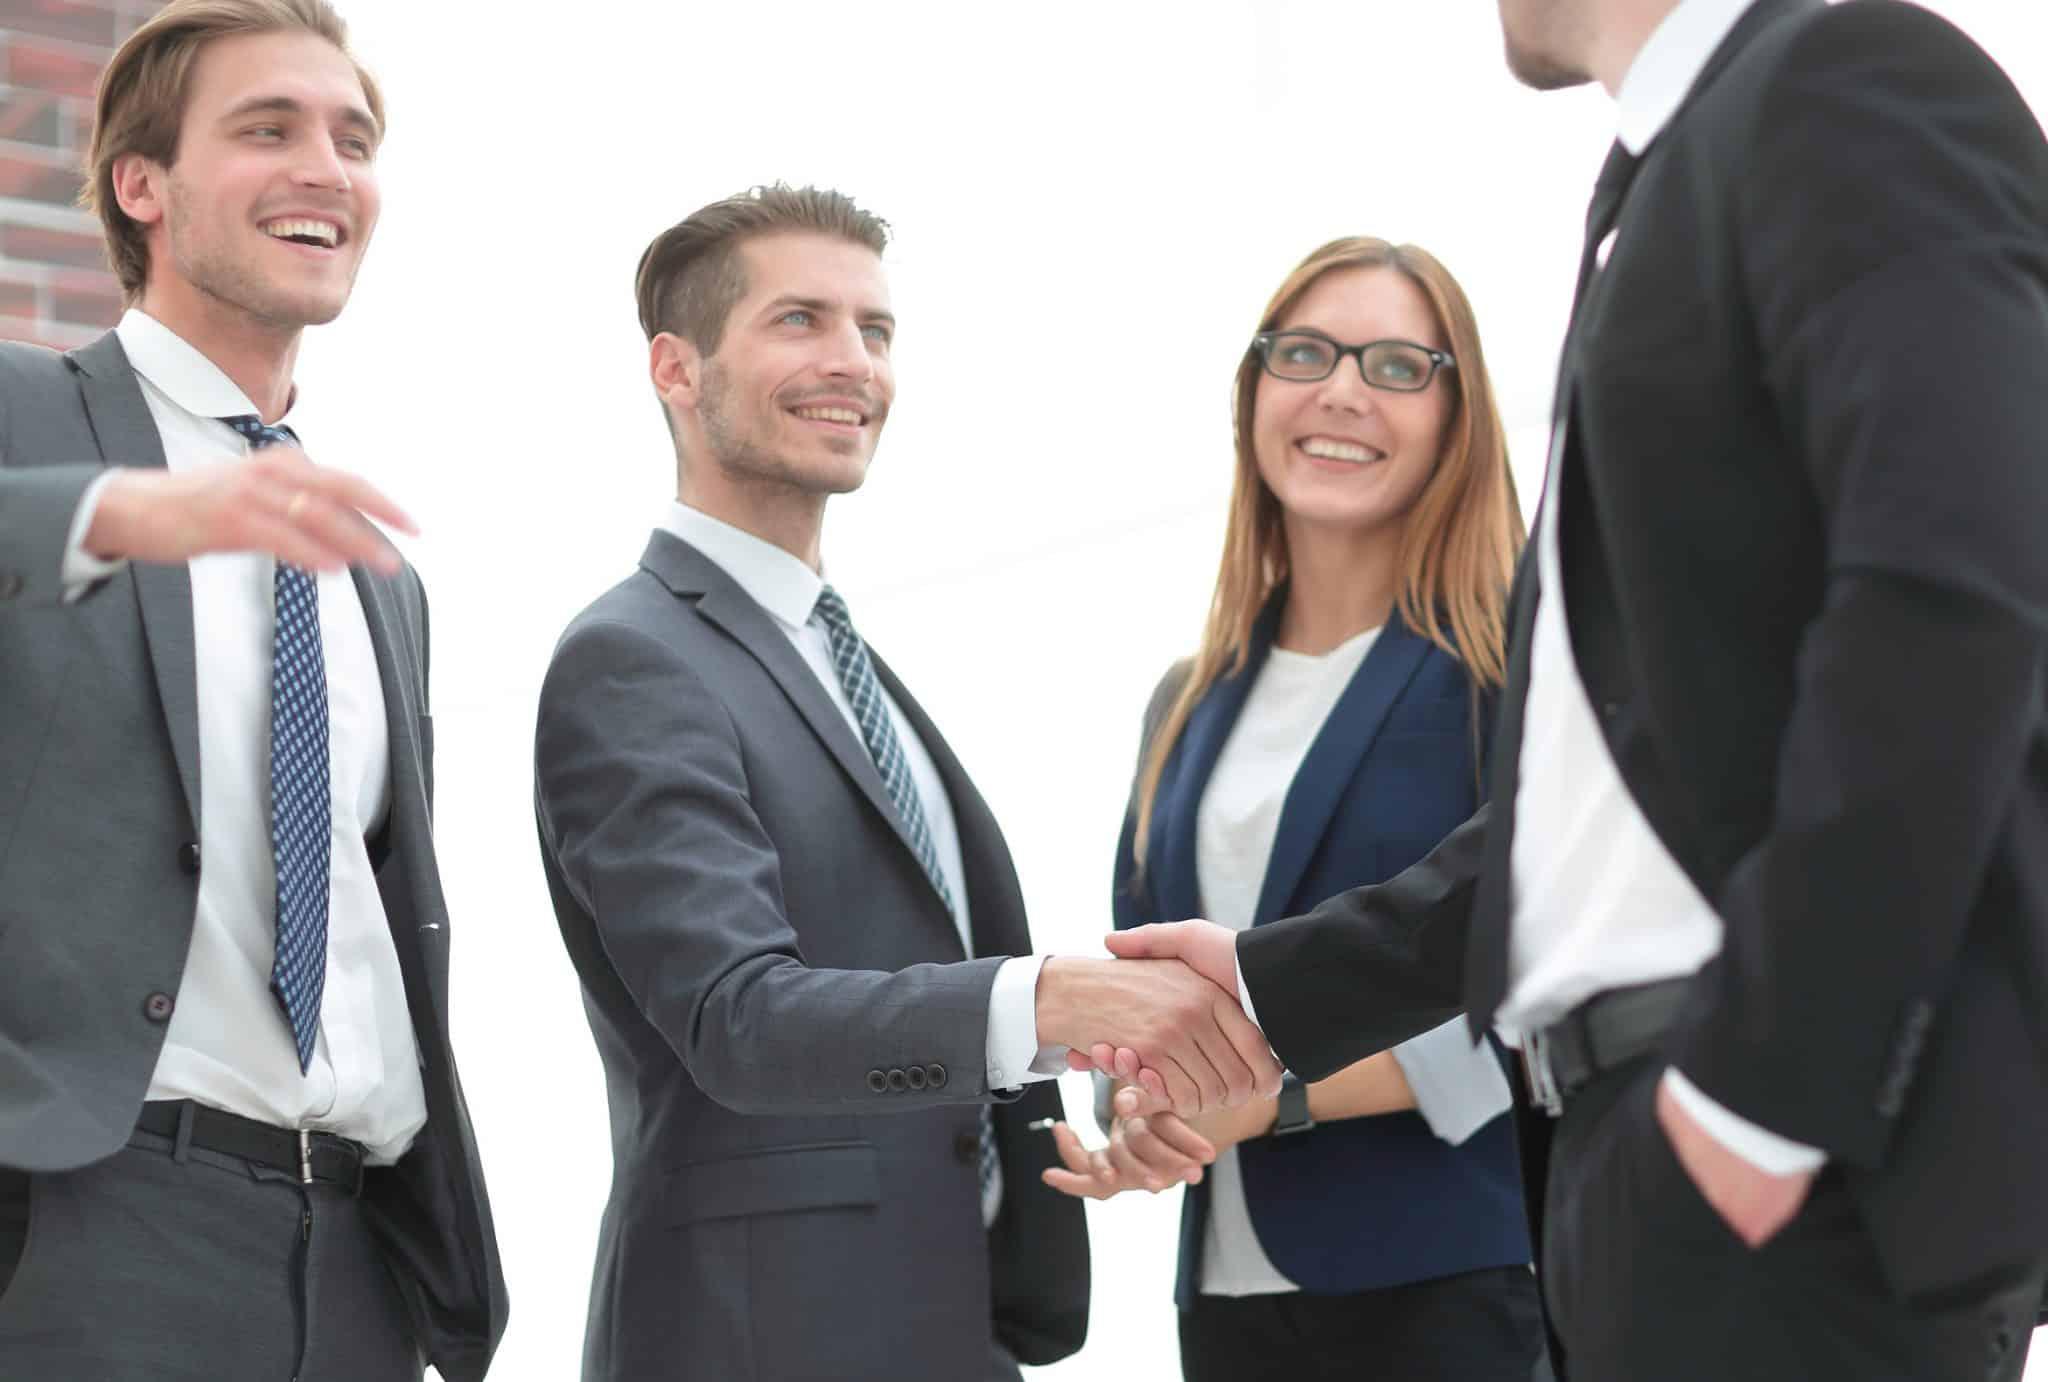 Einkäufer - Tricks der Verkäufer kennen